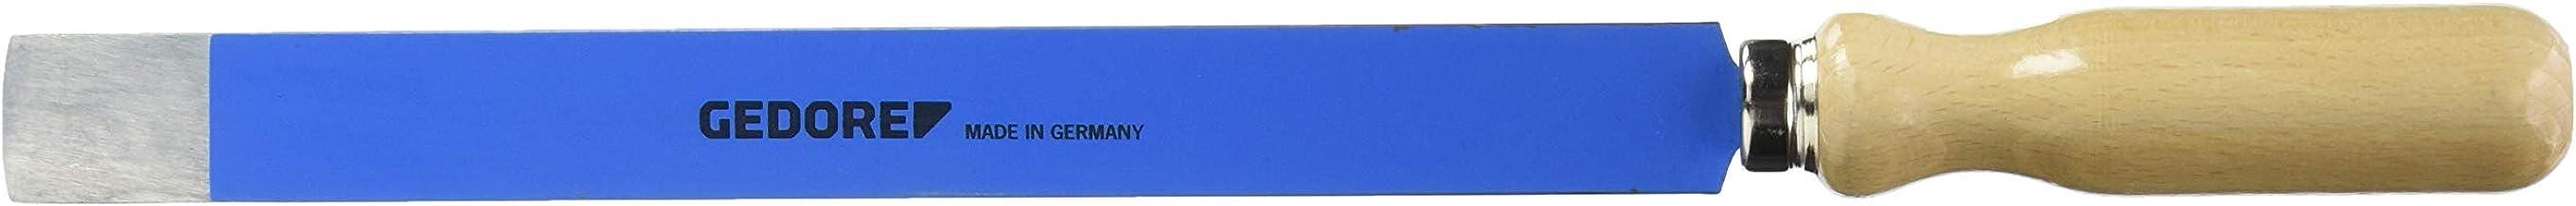 GEDORE 133 F-150 Flat Scraper 150 mm